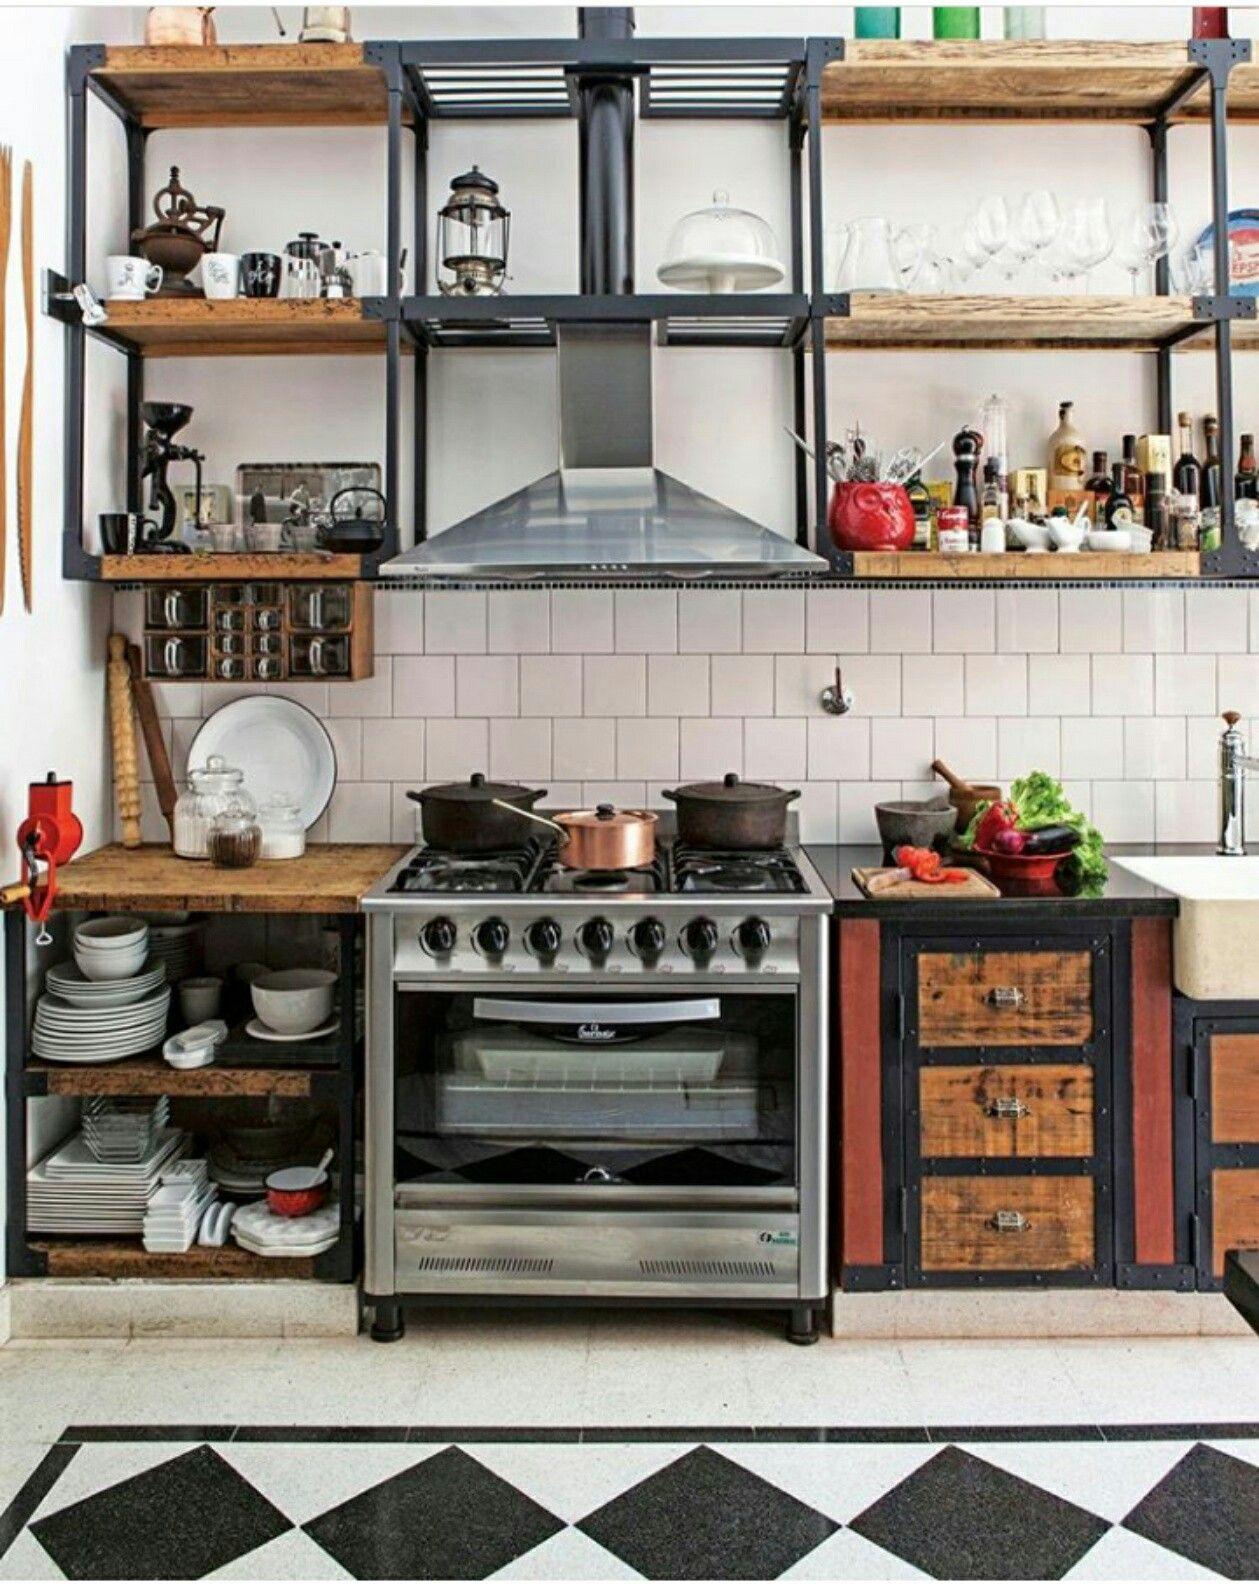 Cocina de una casa antigua reciclada | PH cocina | Pinterest | Casas ...